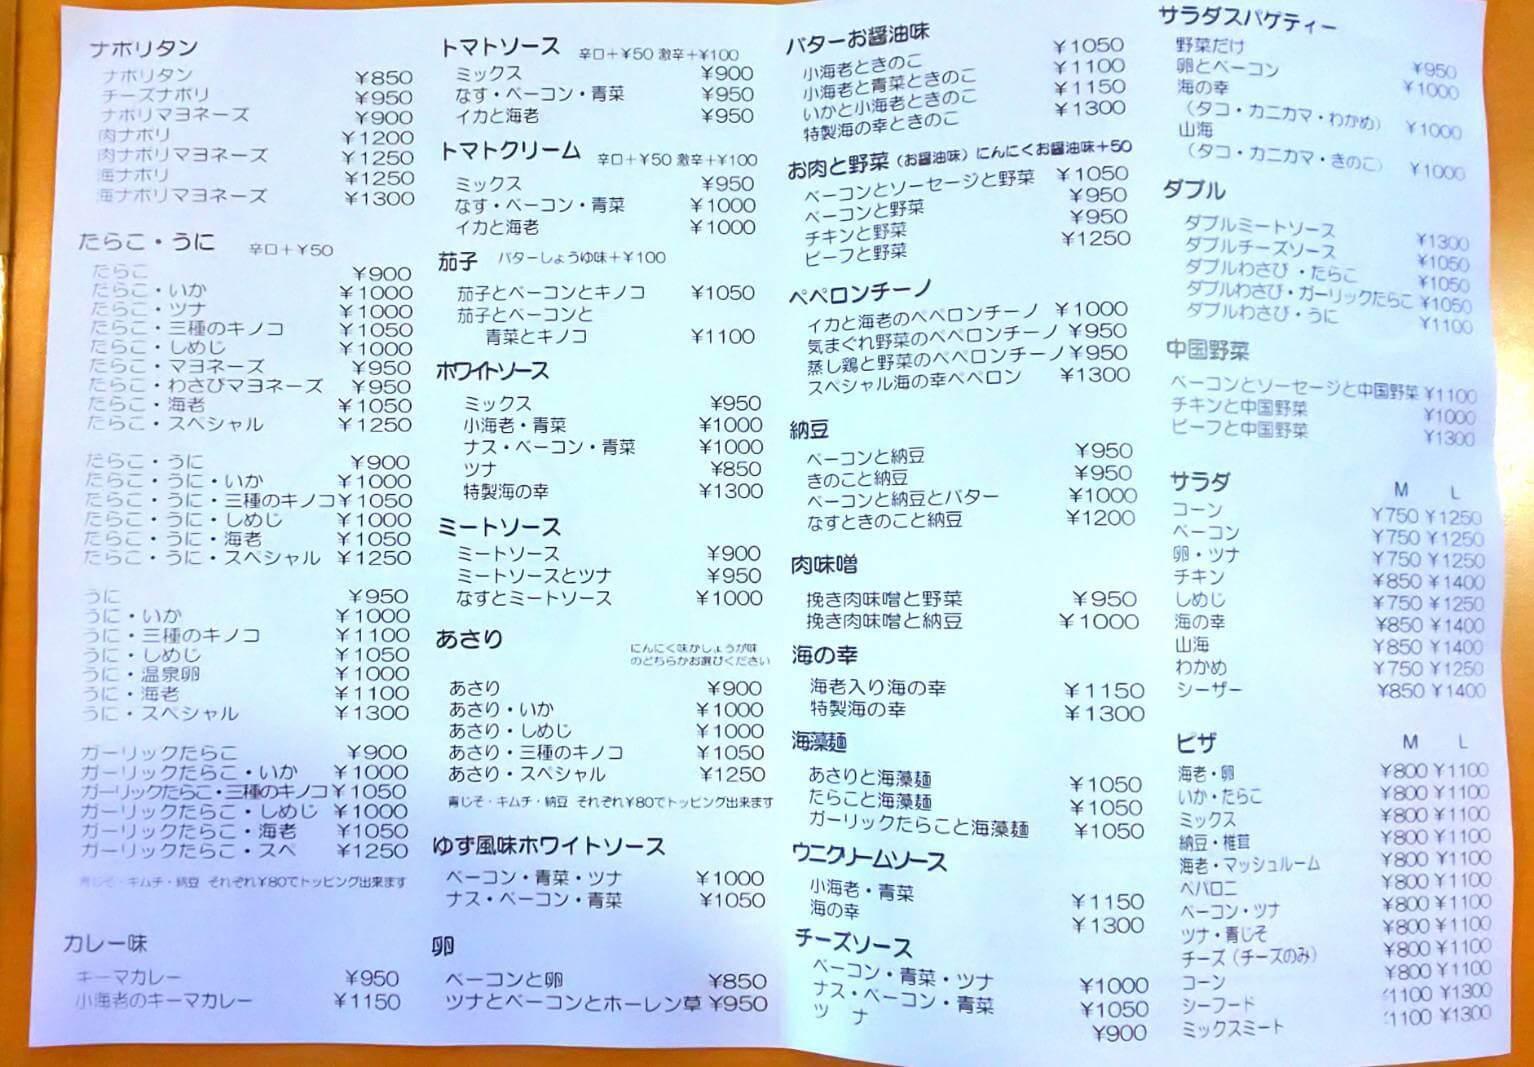 すぱげ亭 / 餃子食堂